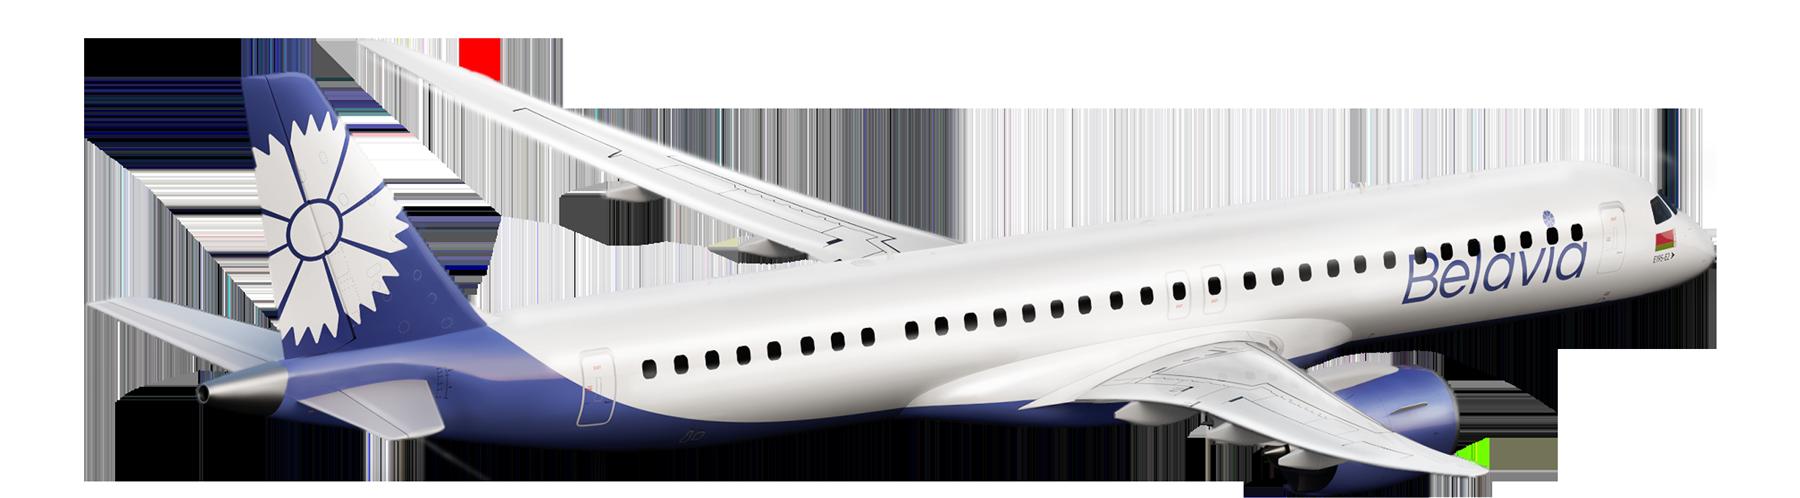 AW-Embraer_E195-E2_Belavia